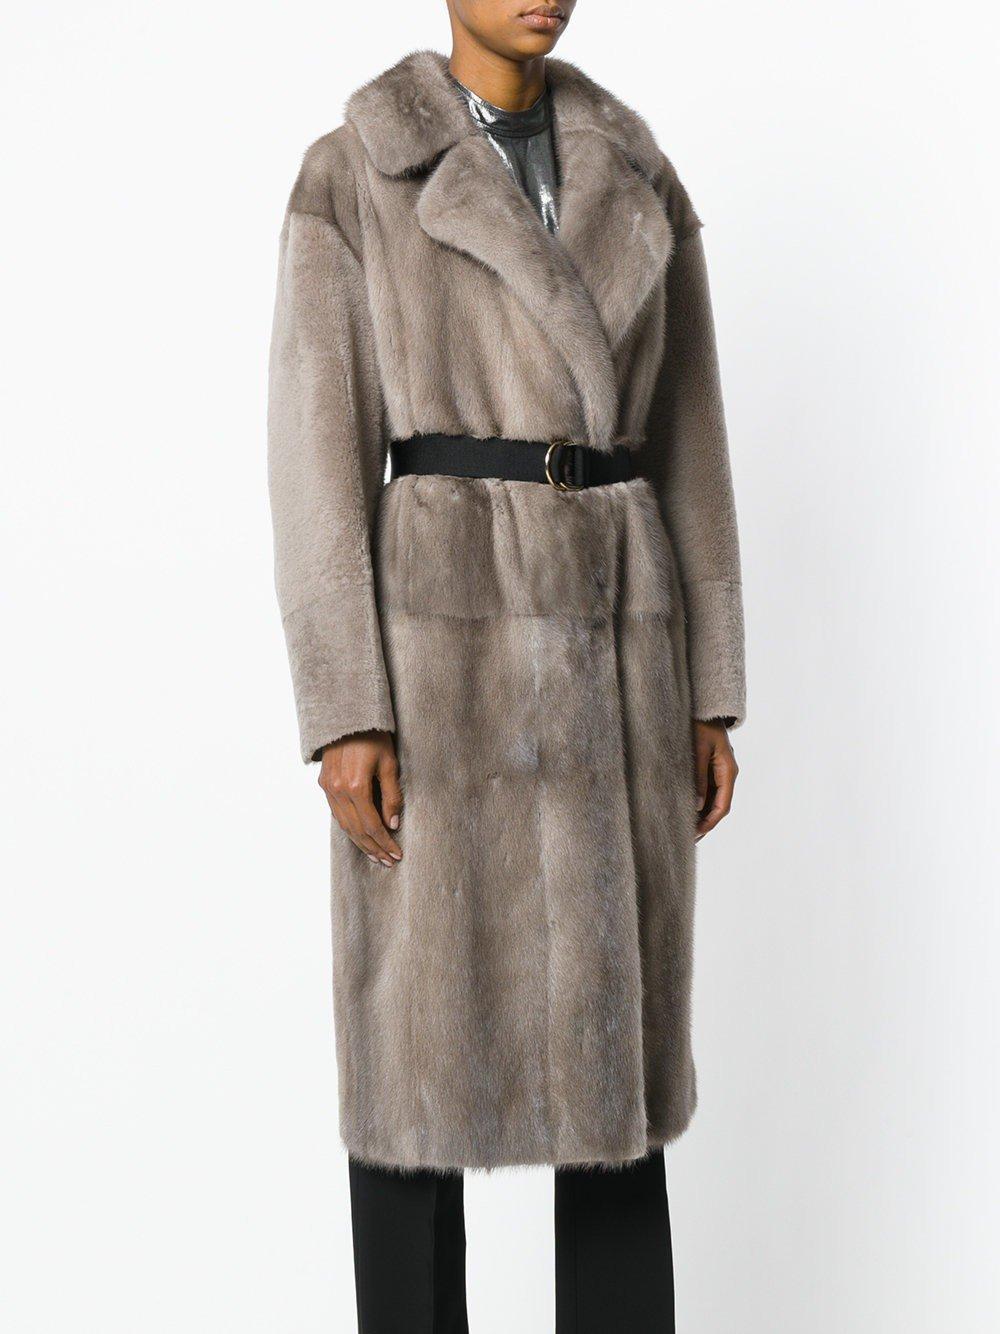 Куртки - весна 2019 года. Женские, мужские, для полных, фото картинки